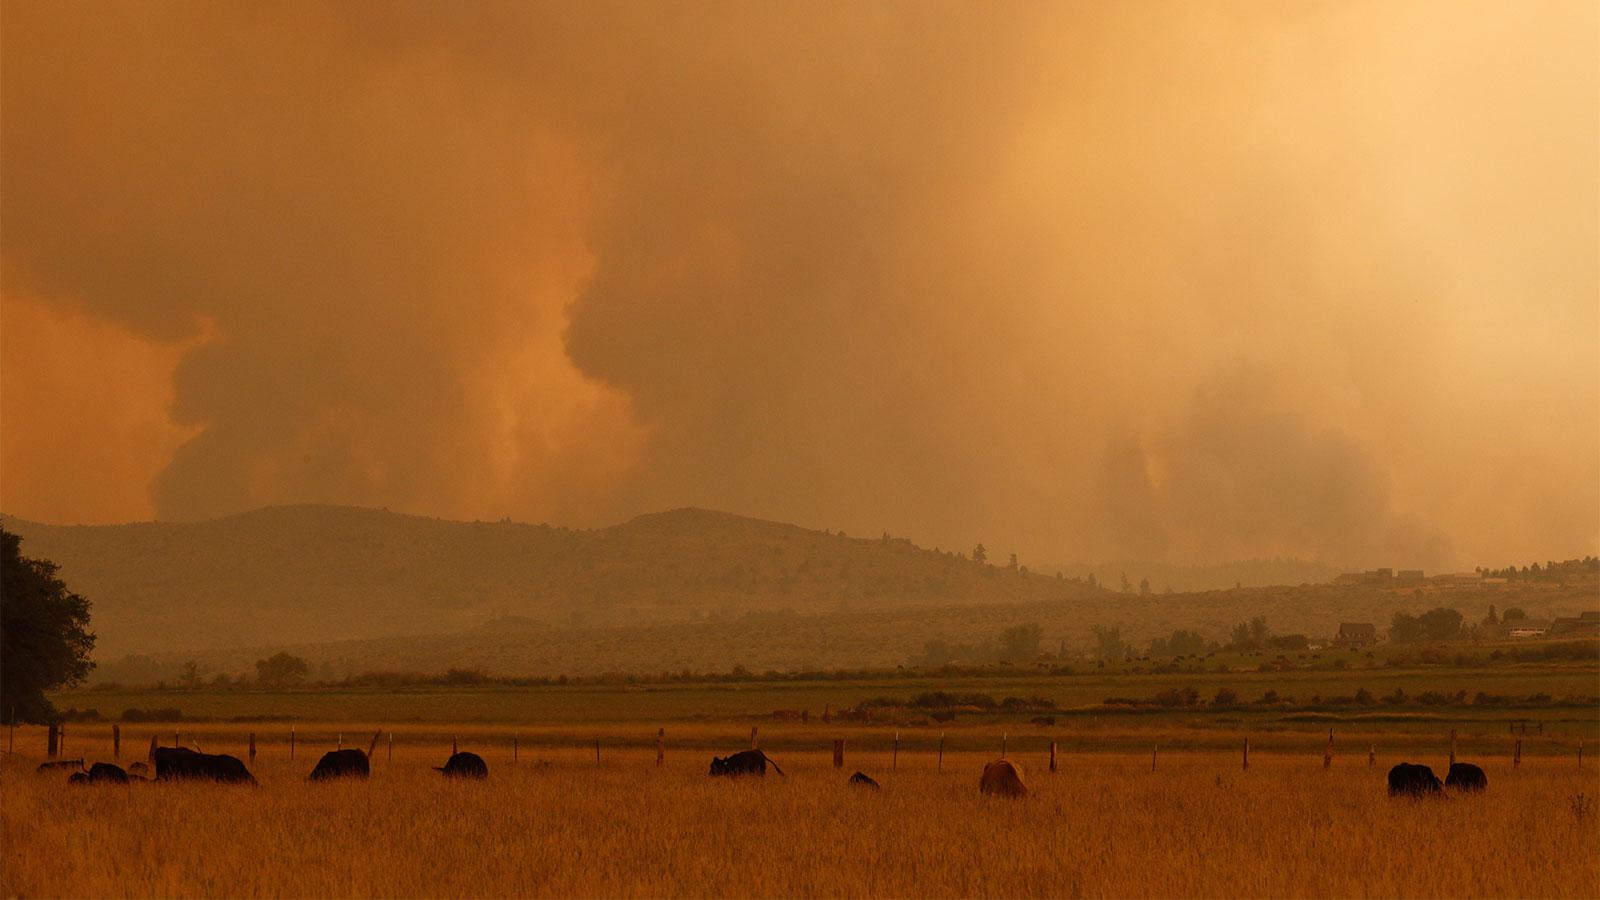 Cattle grazing in a smoke filled field